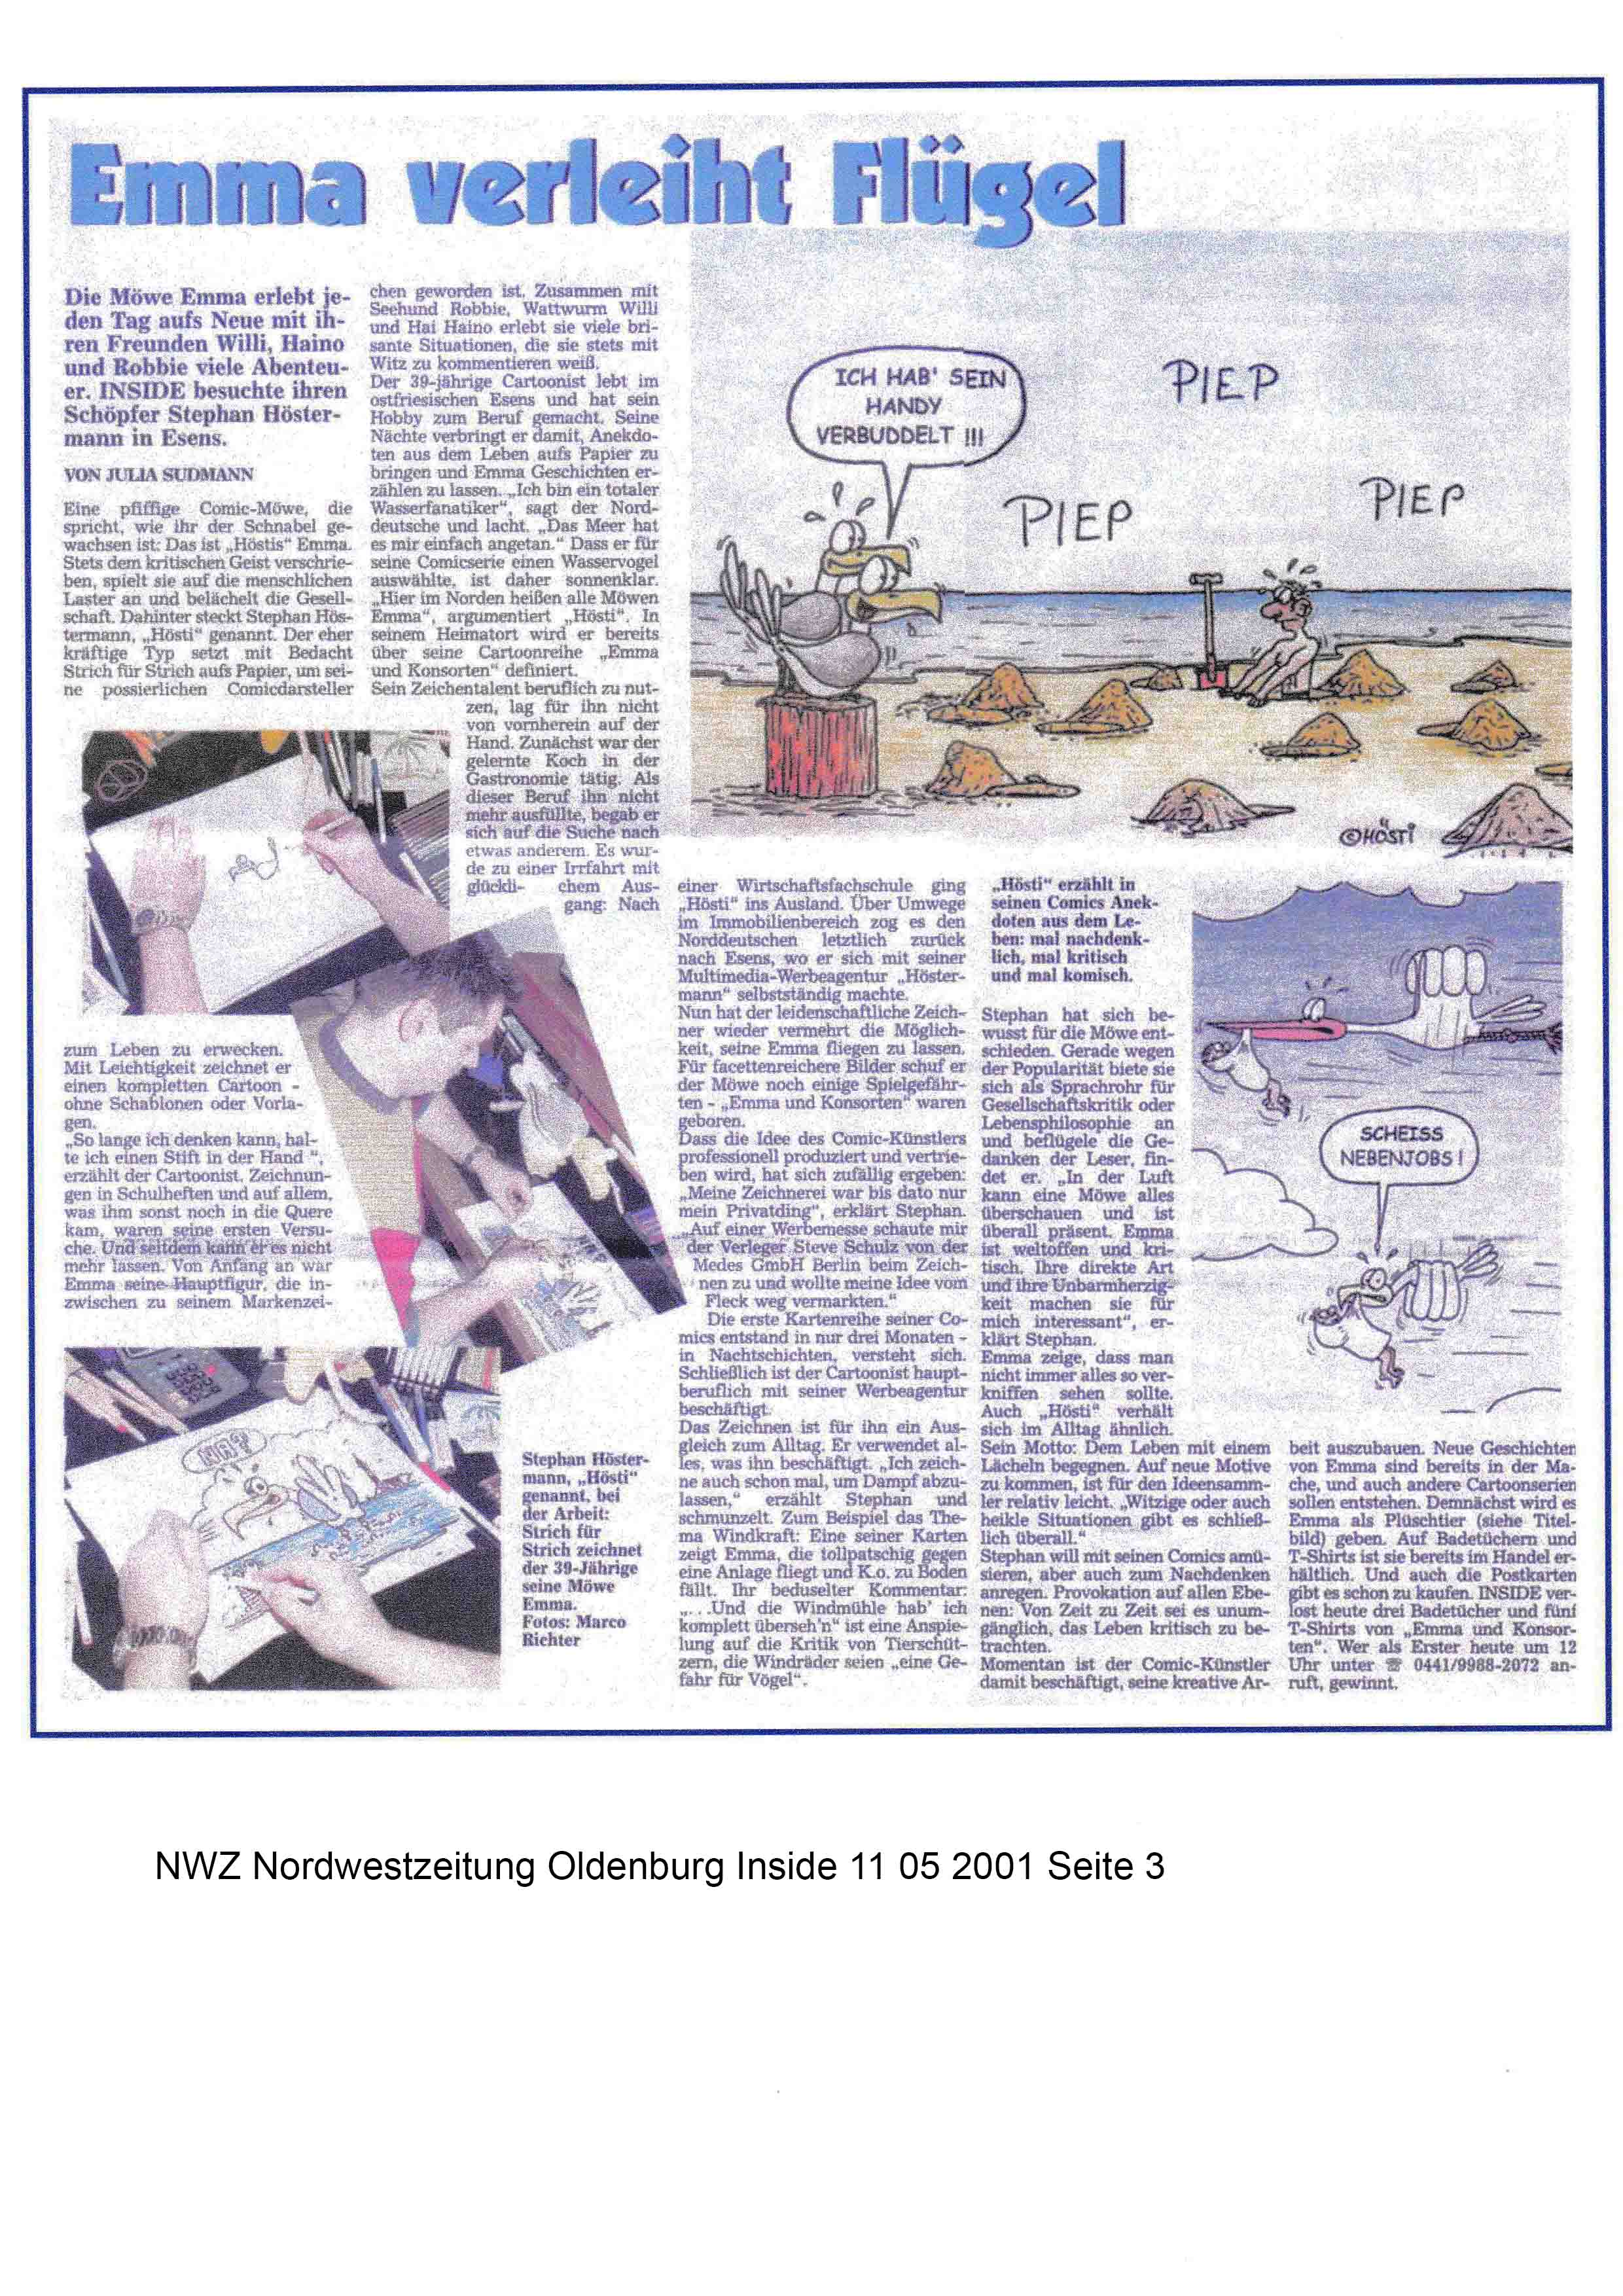 NWZ Nordwestzeitung Oldenburg Inside 11 05 2001 Seite 3